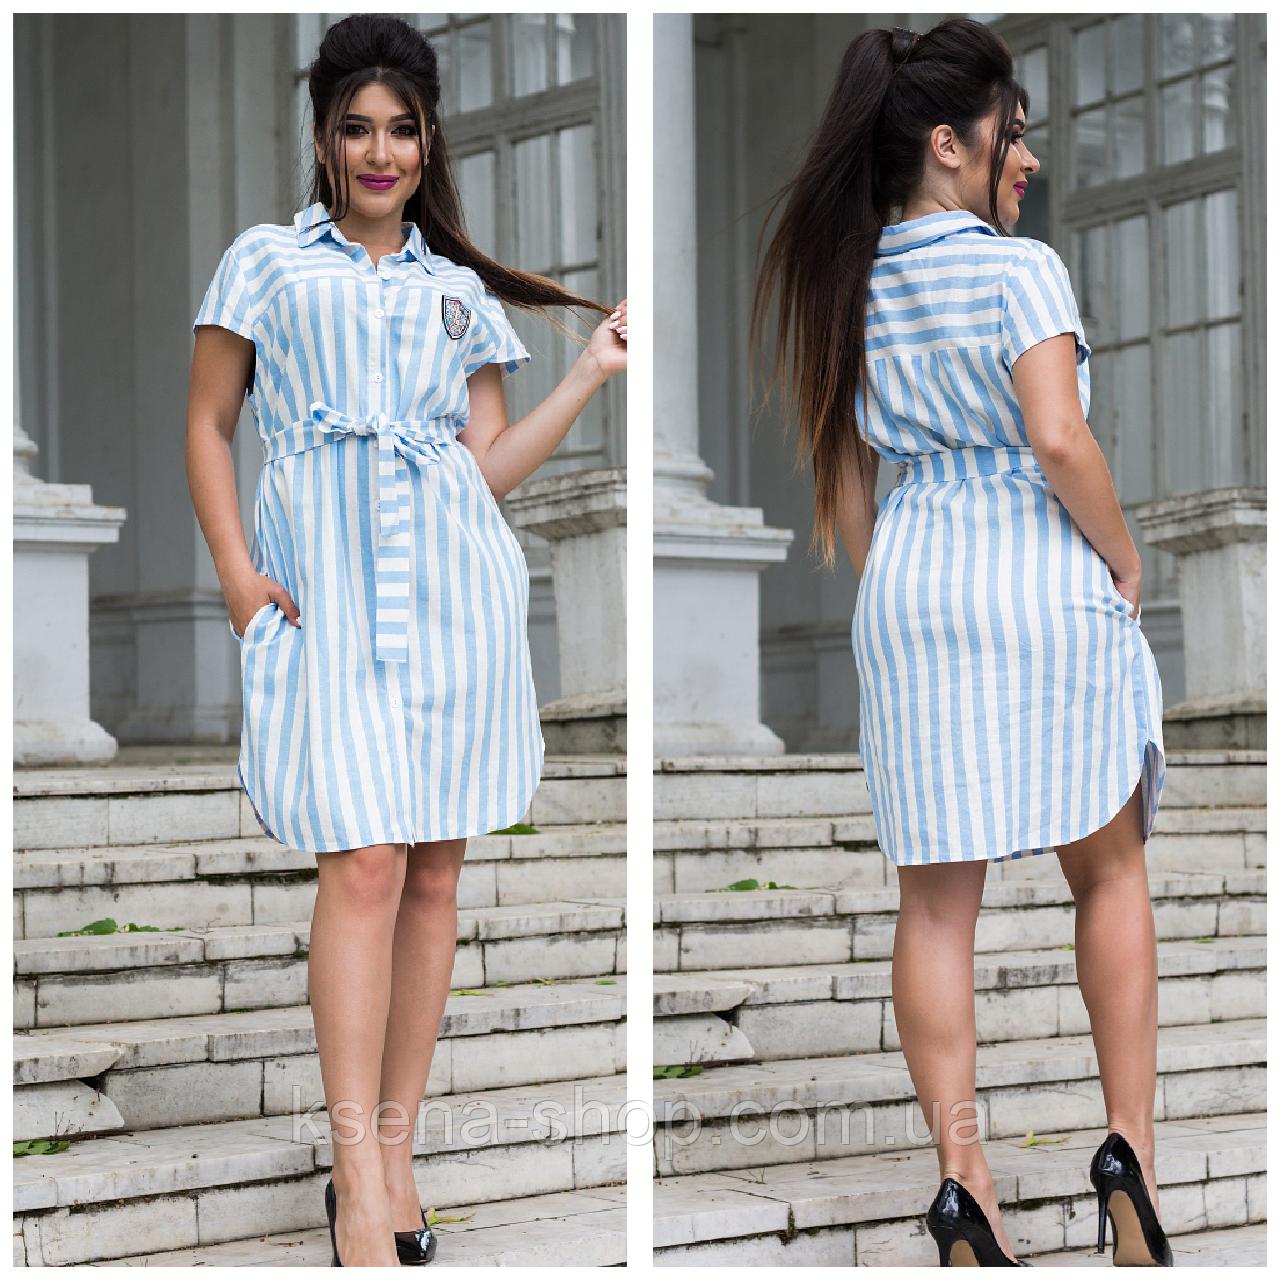 ebdd952913c Купить Женское платье-рубашка в полоску в Одессе от компании ...